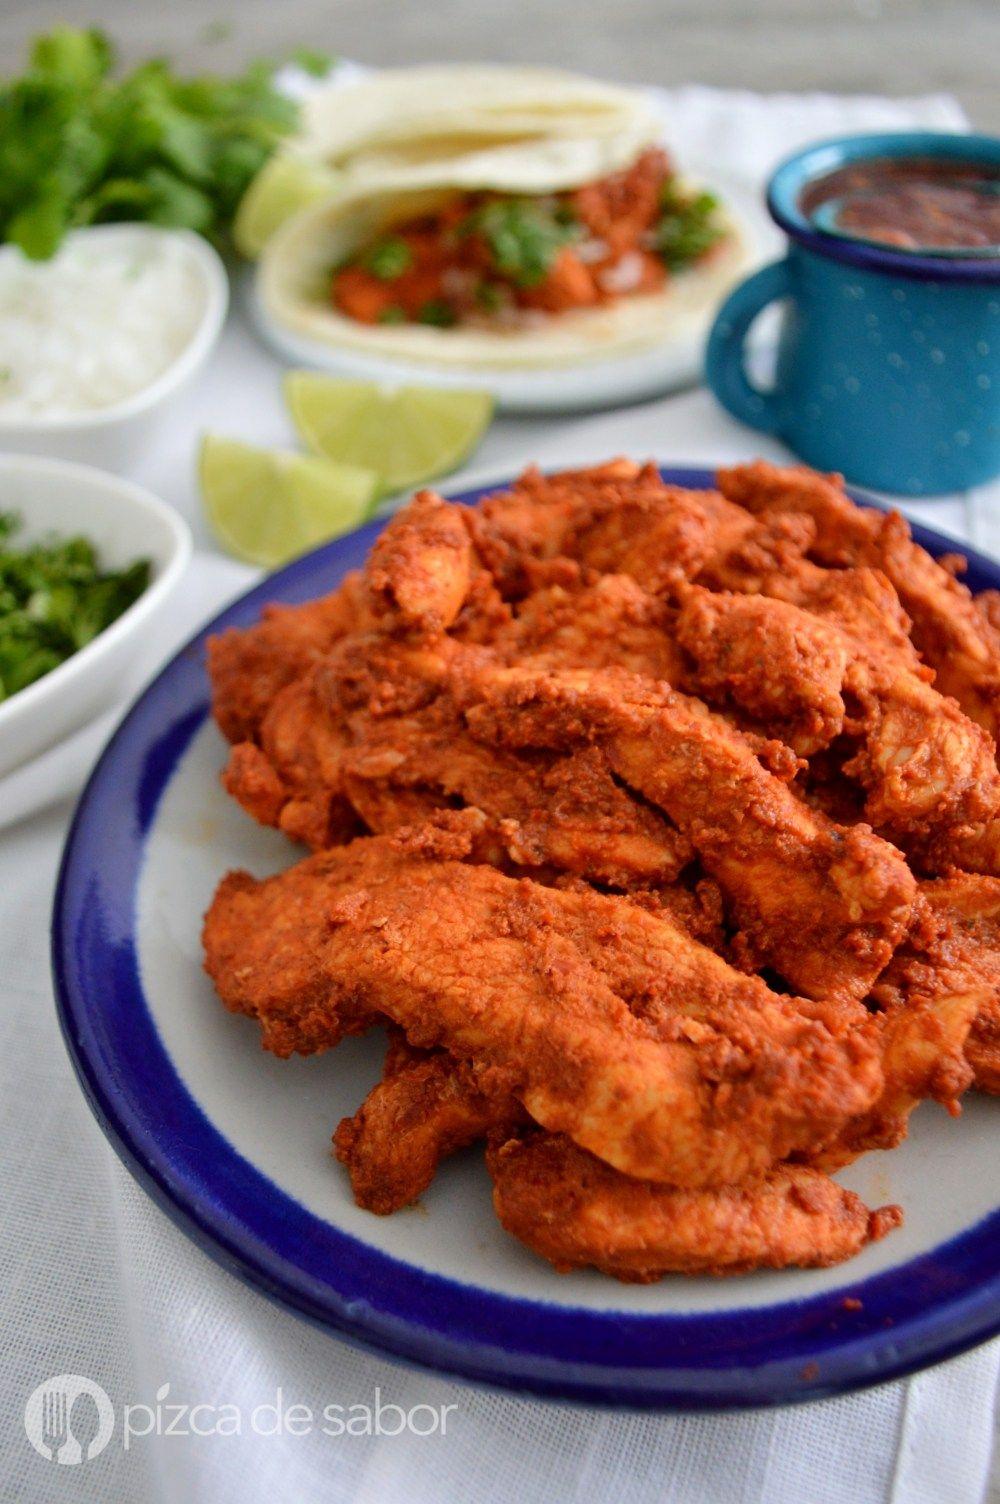 Adobo Para Tacos Al Pastor Fácil Rápido Y Muy Delicioso Receta Pollo Adobado Recetas Mexicanas Como Preparar Pollo